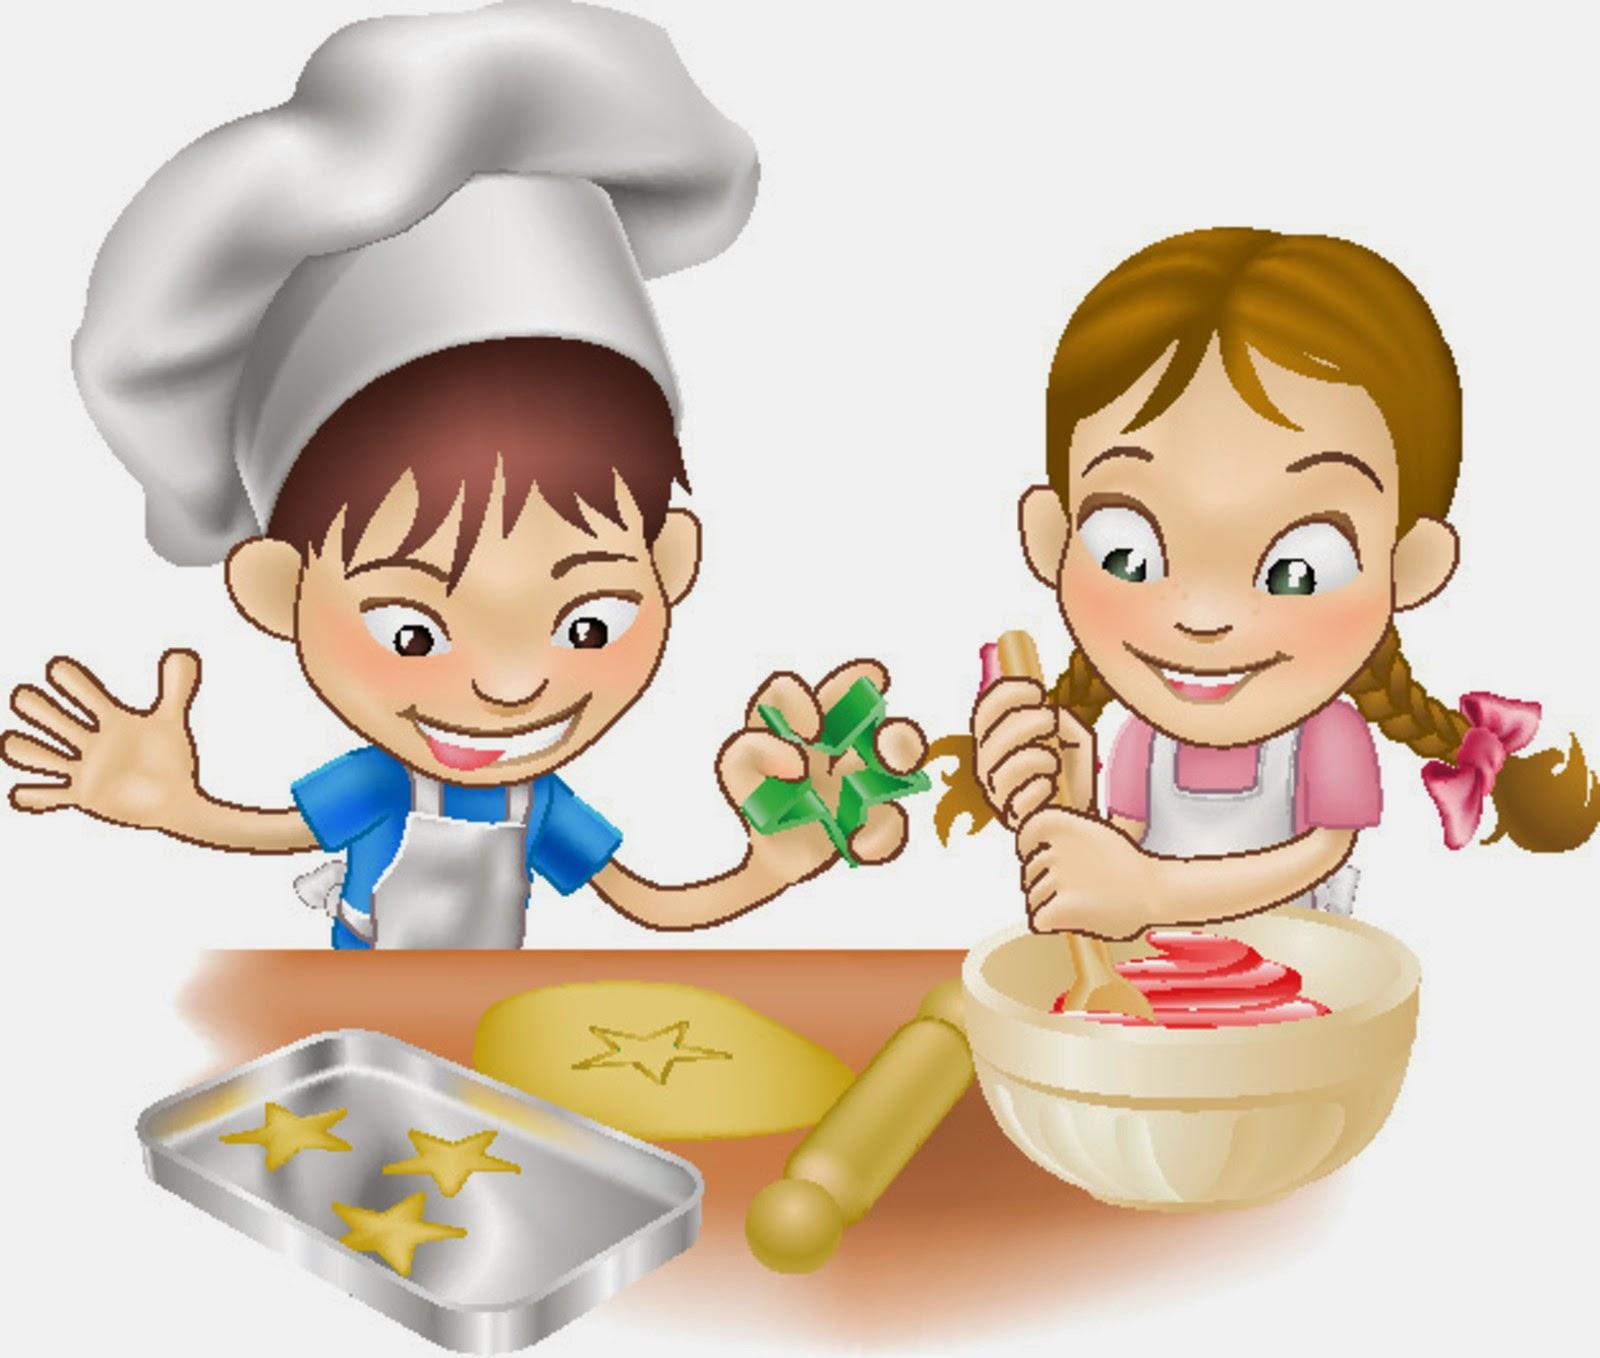 Gambar Ibu Memasak Di Dapur Desainrumahidcom